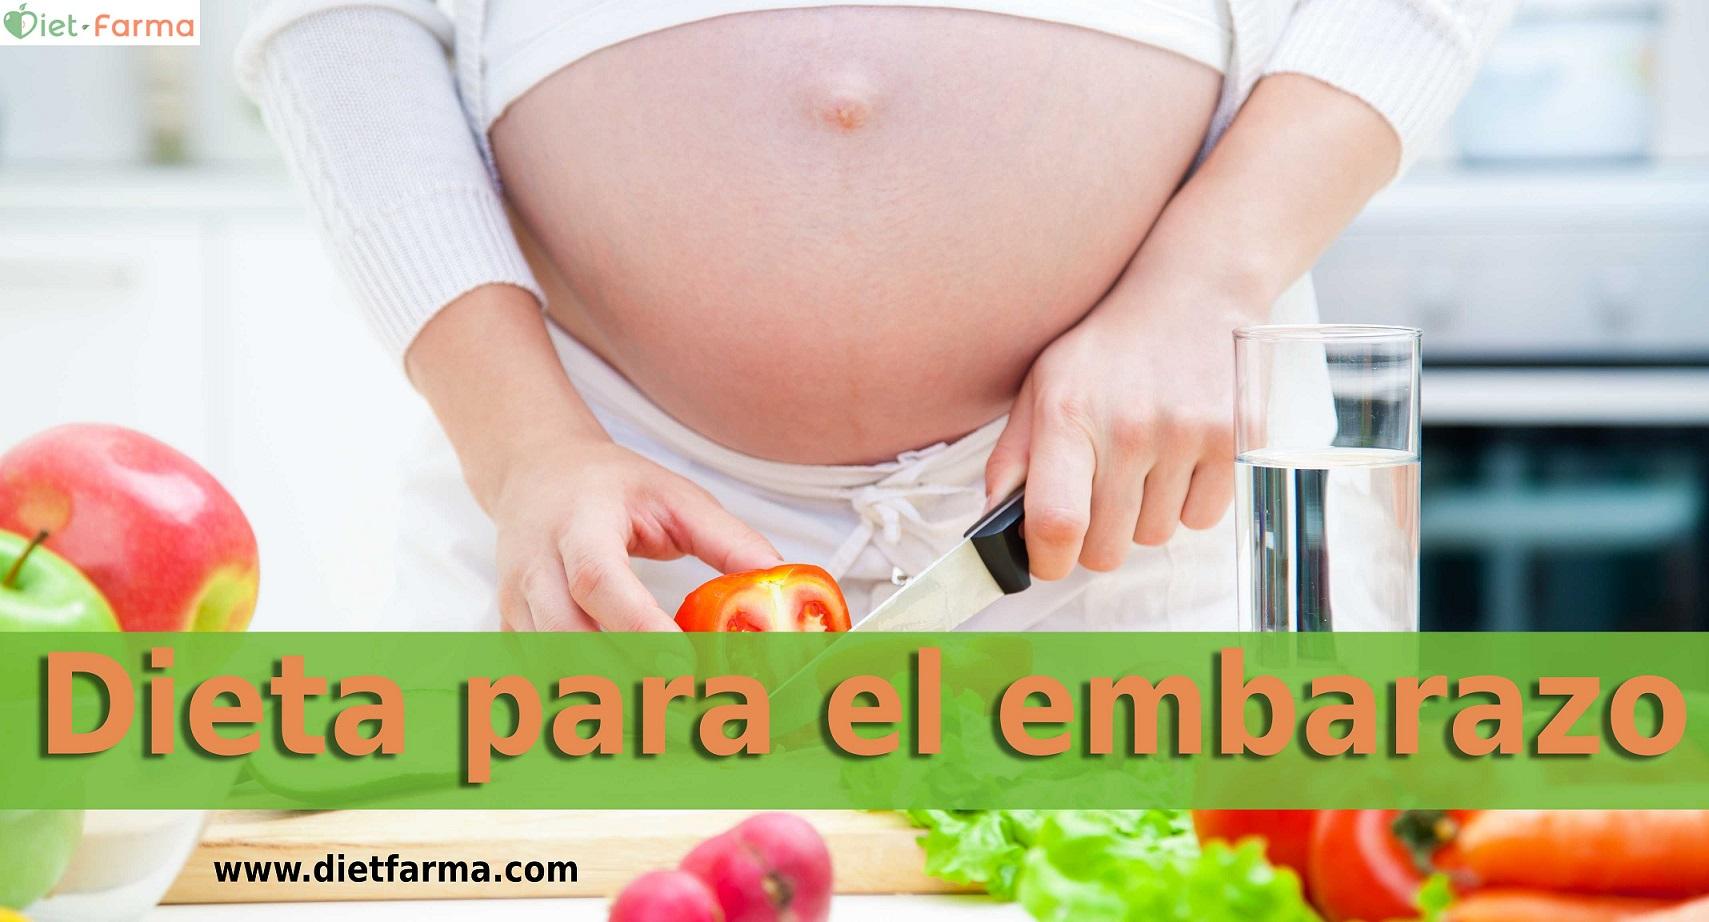 dieta para colesterol y trigliceridos altos en el embarazo